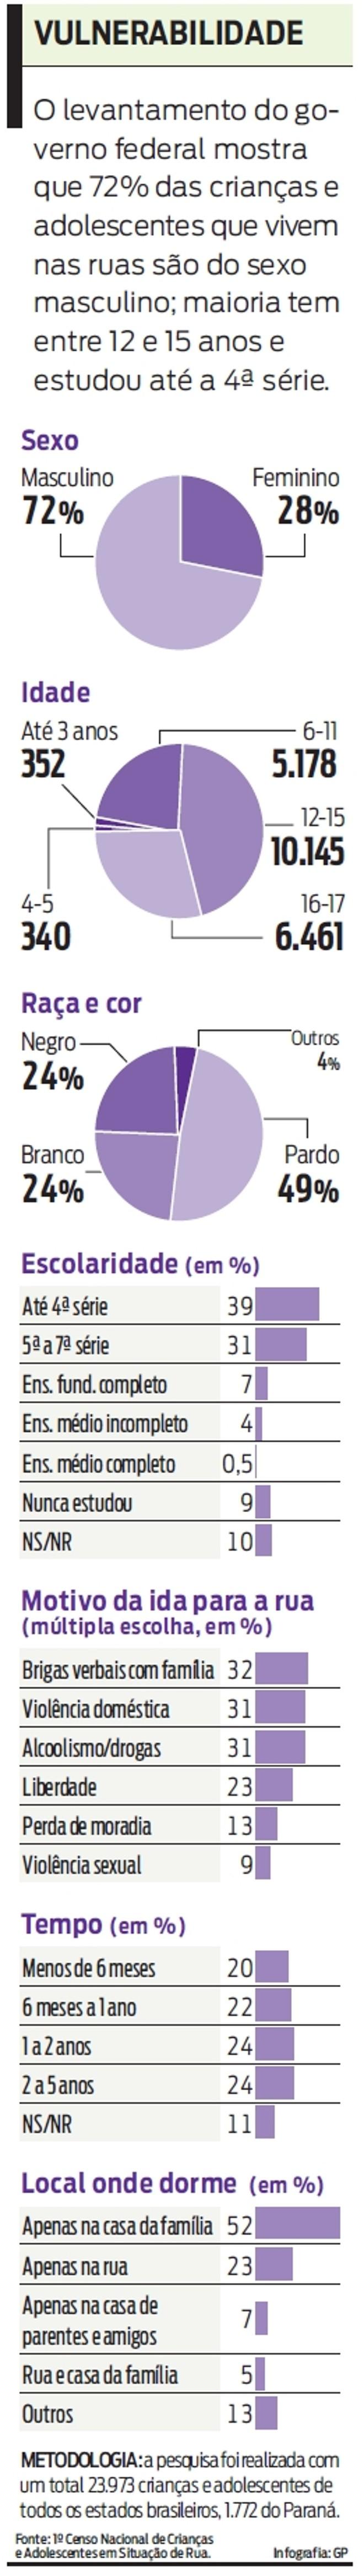 Veja: 72% das crianças e adolescentes que vivem nas ruas são do sexo masculino  